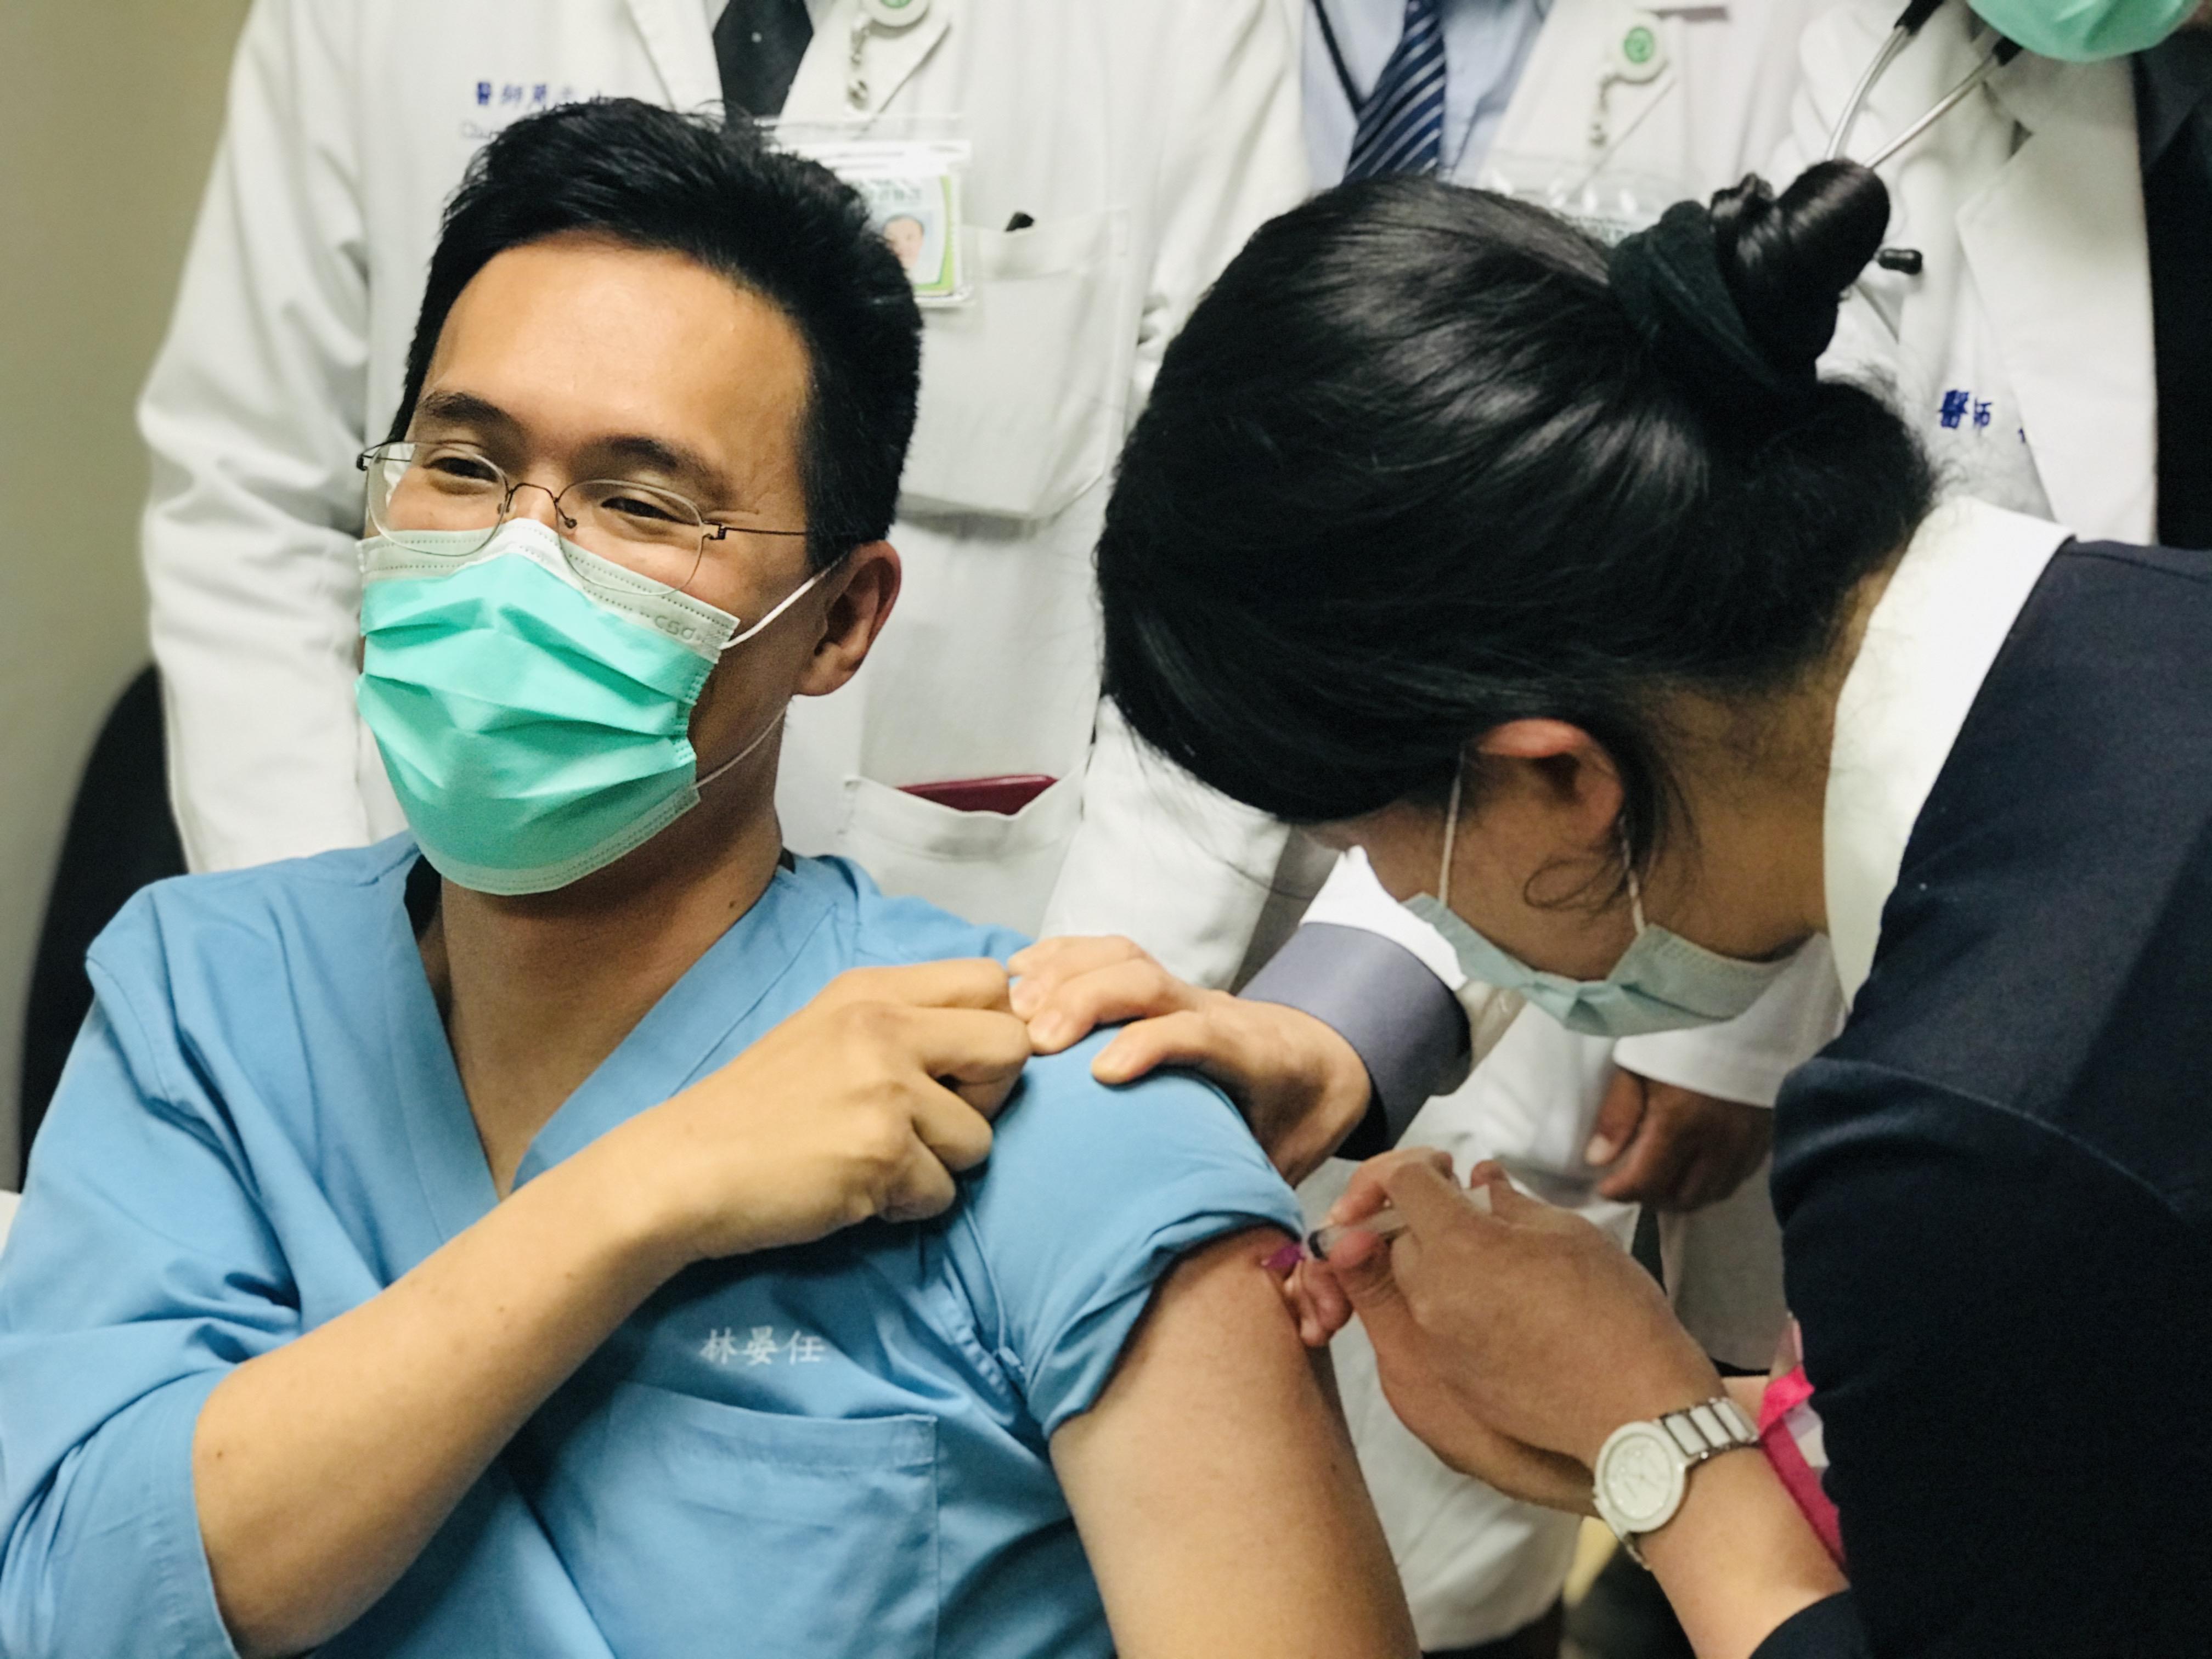 本縣自4月26日起全面開放轄區衛生所提供COVID-19公費疫苗接種服務